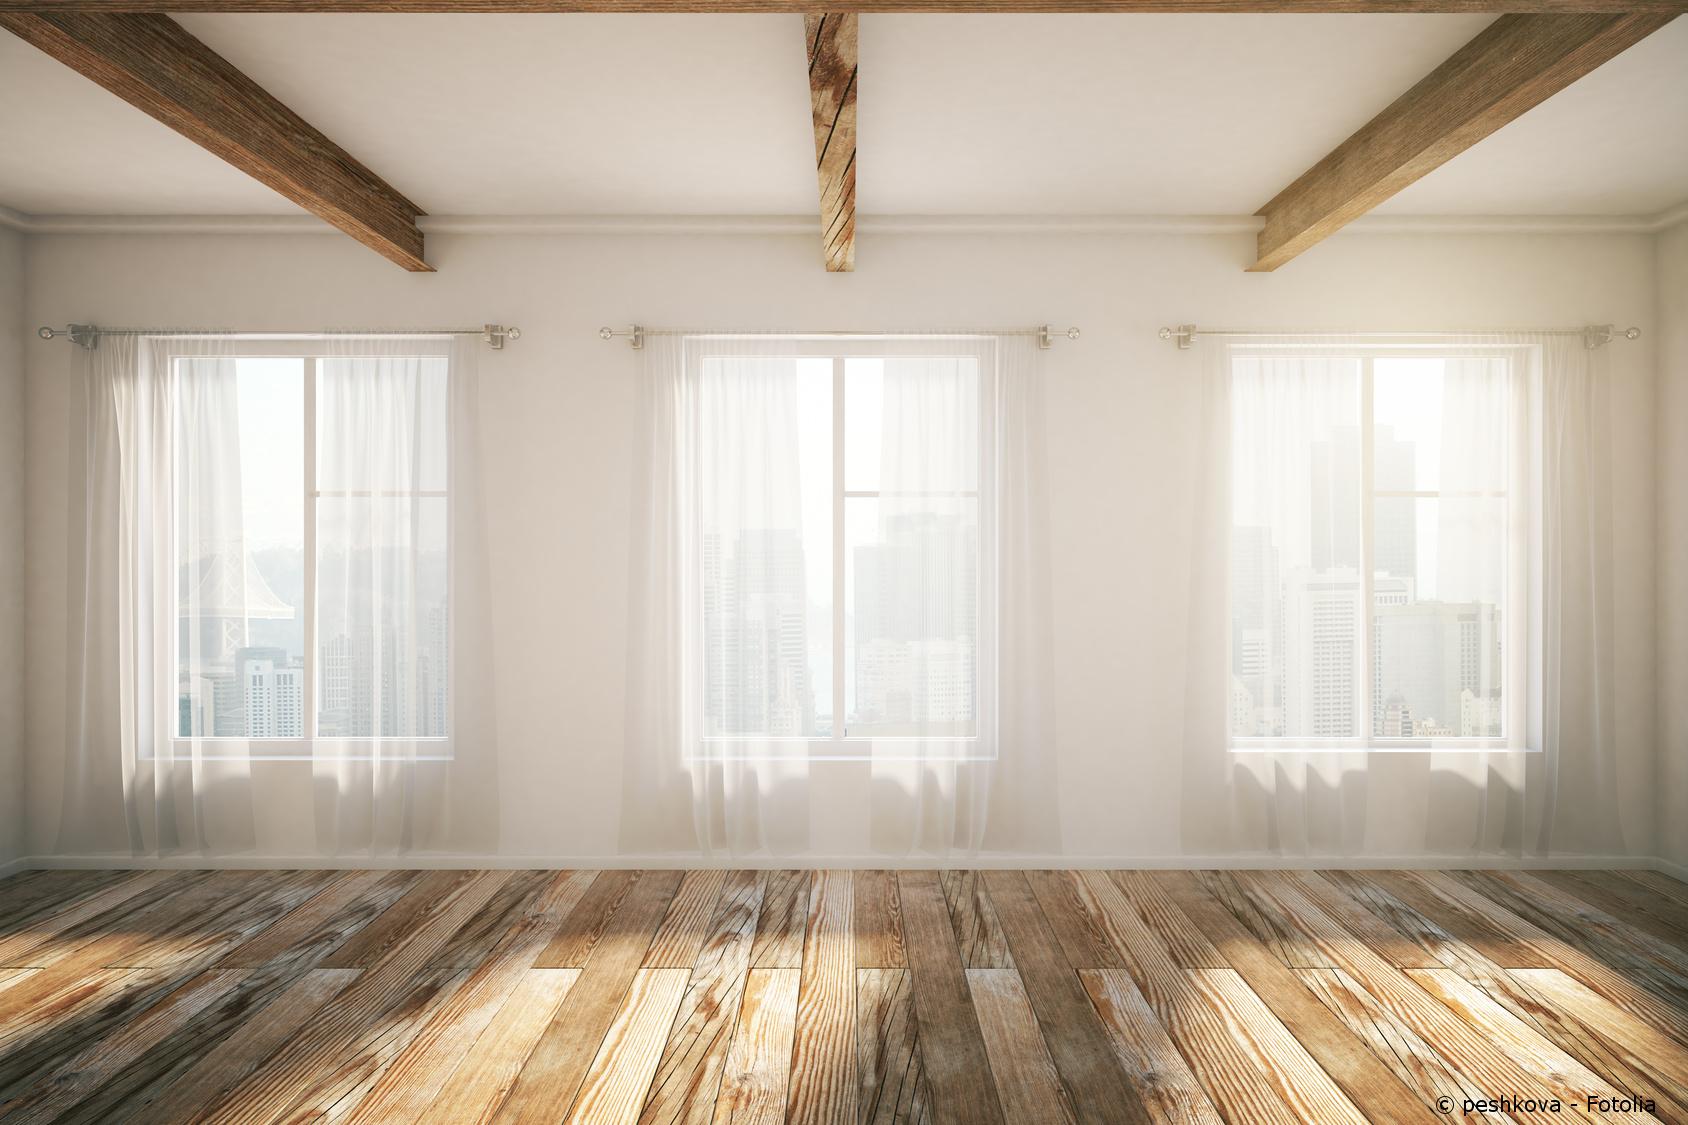 kologisch renovieren putze farben maler und lackierer. Black Bedroom Furniture Sets. Home Design Ideas